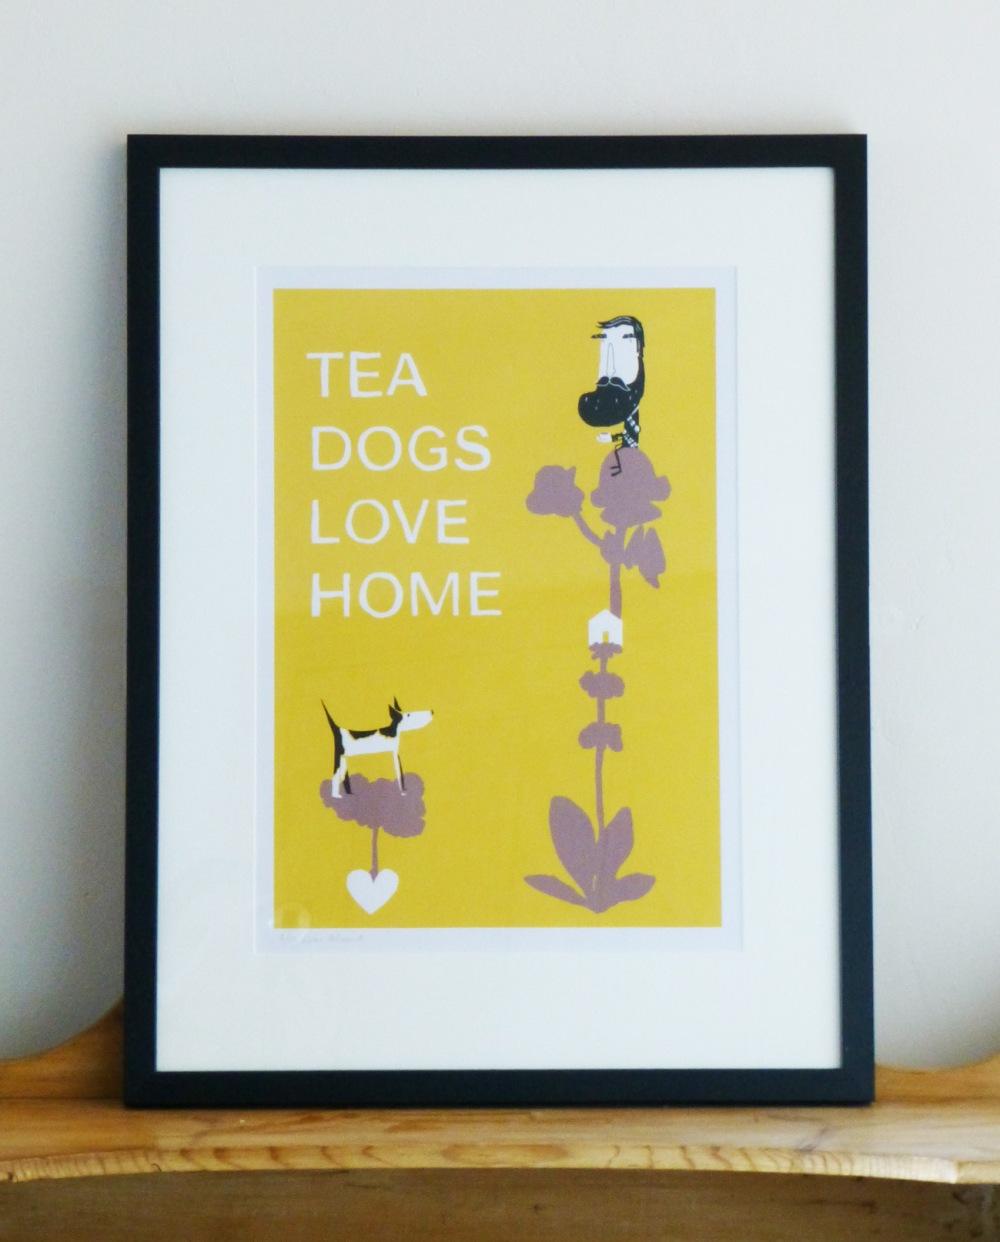 tea-dogs-love-home-by-lauren-van-helmond-36-87-usd-c-artfinder-1